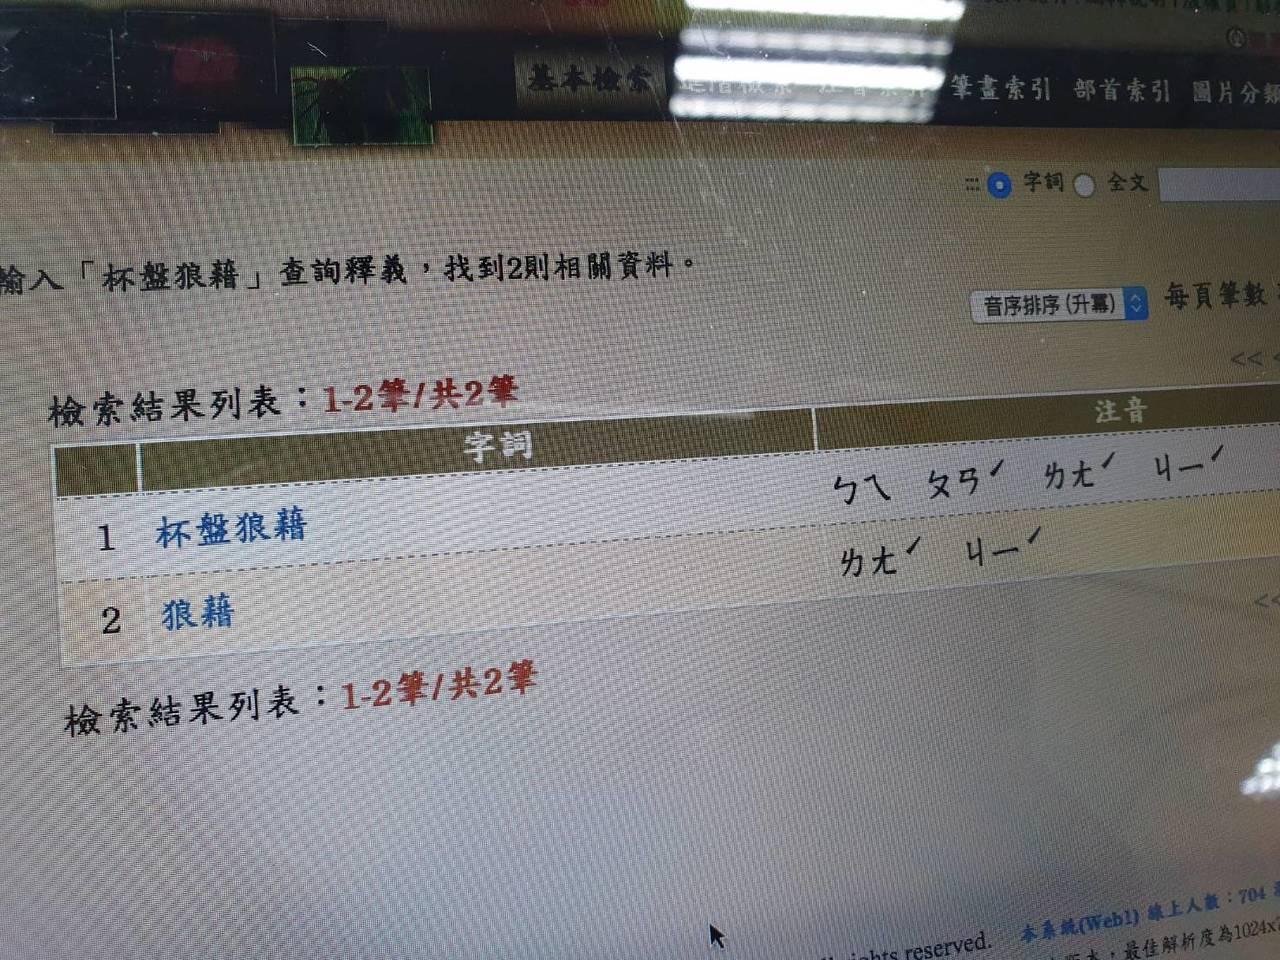 南崁國小教師姜佳孟指出,令他印象最深刻的例子是,一名學生寫下「杯盤狼『藉』」,竟...